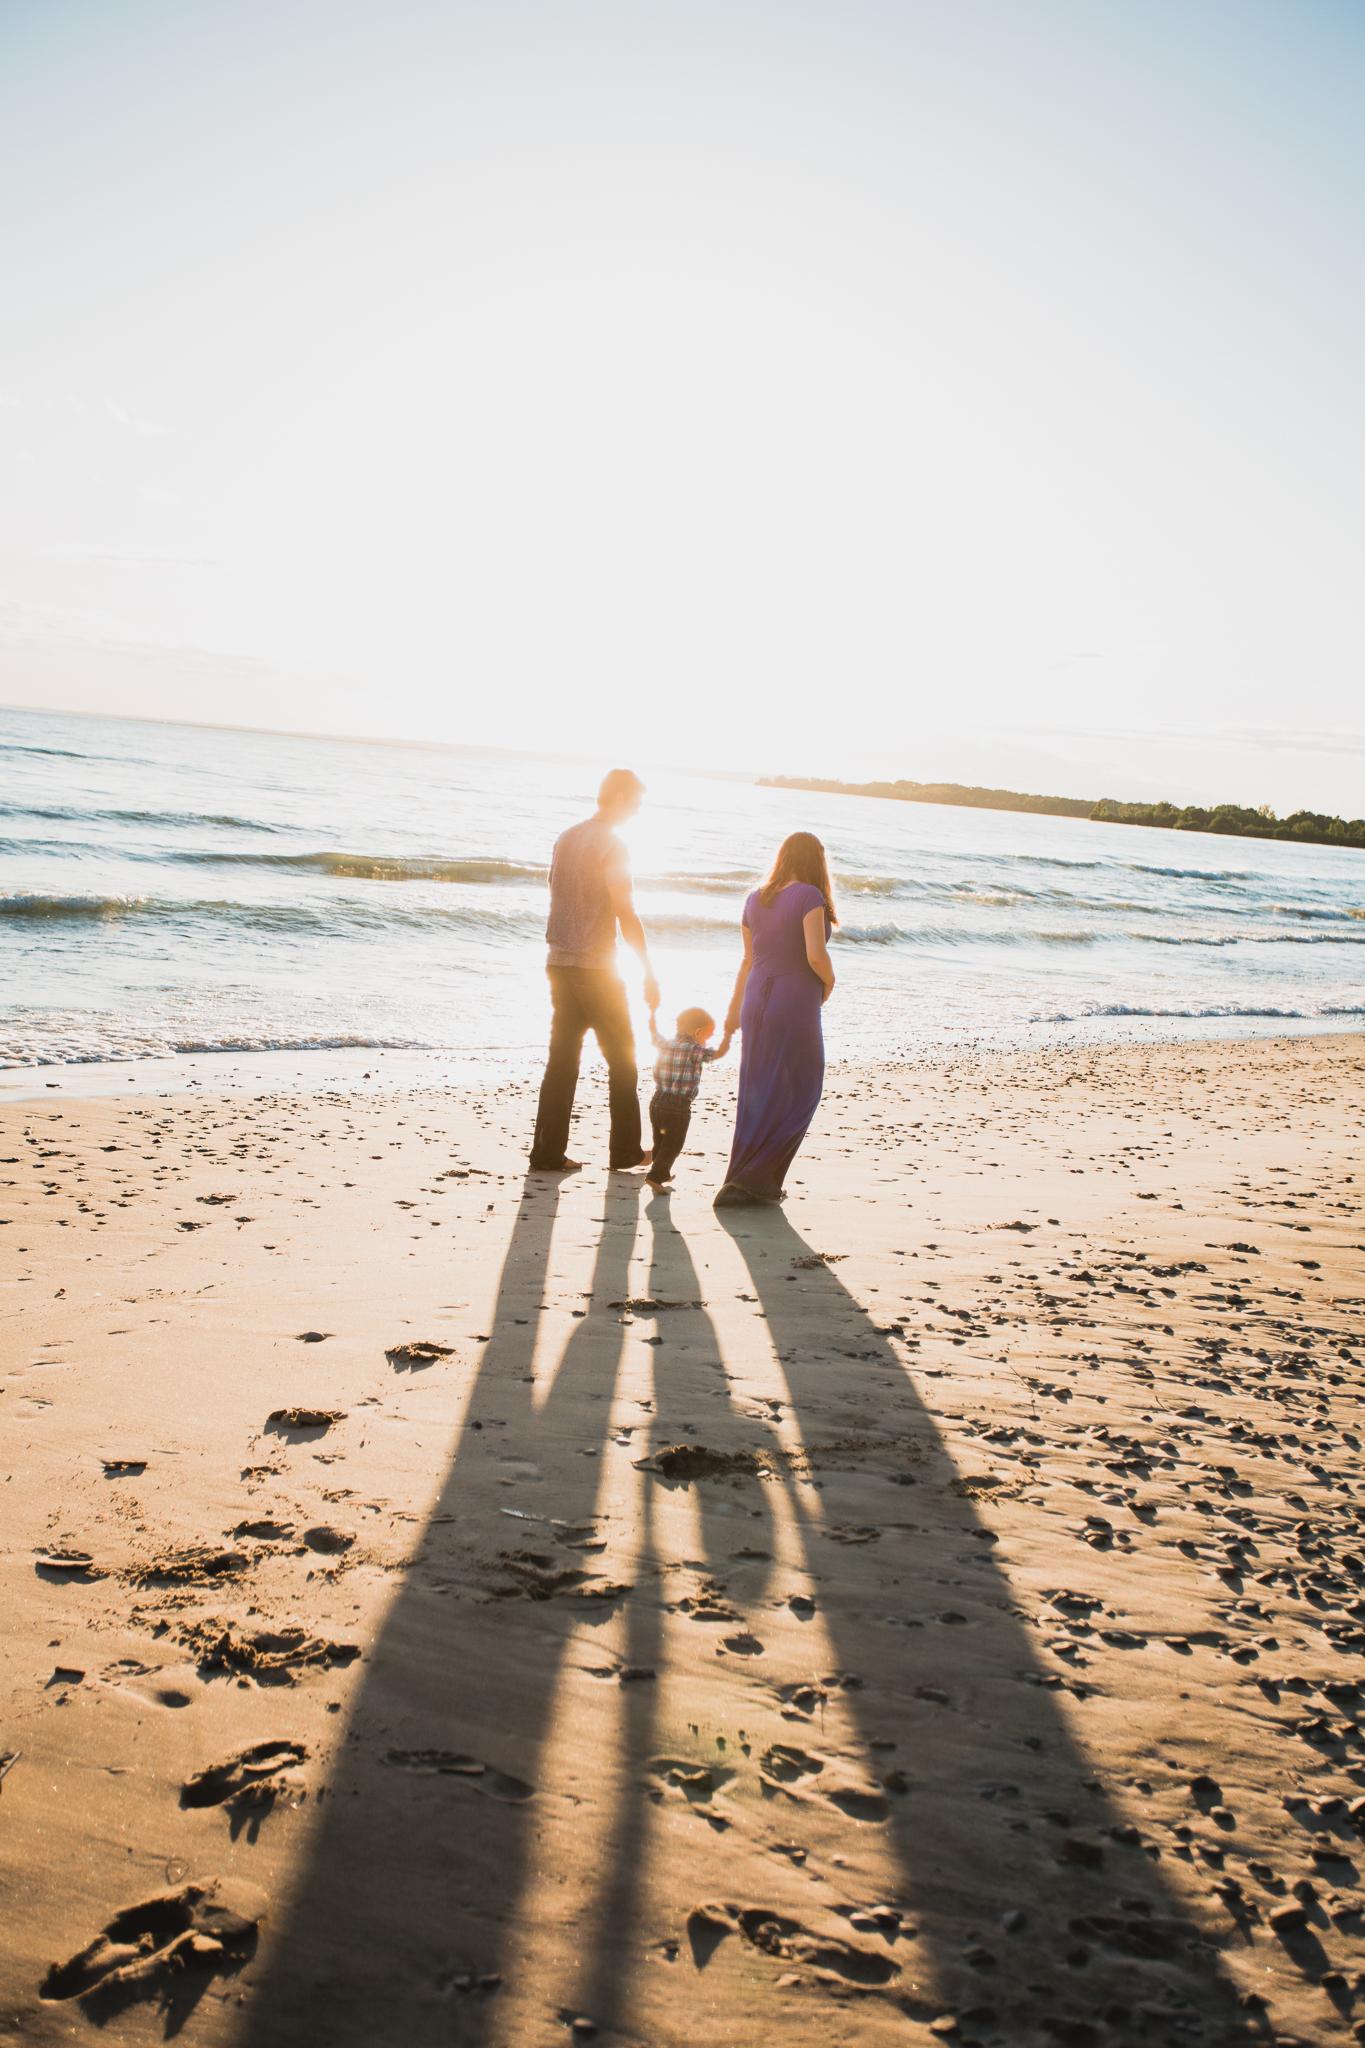 jessalyn prins photography kingston photographer belleville photographer cobourg photographer lifestyle photographer family photographer